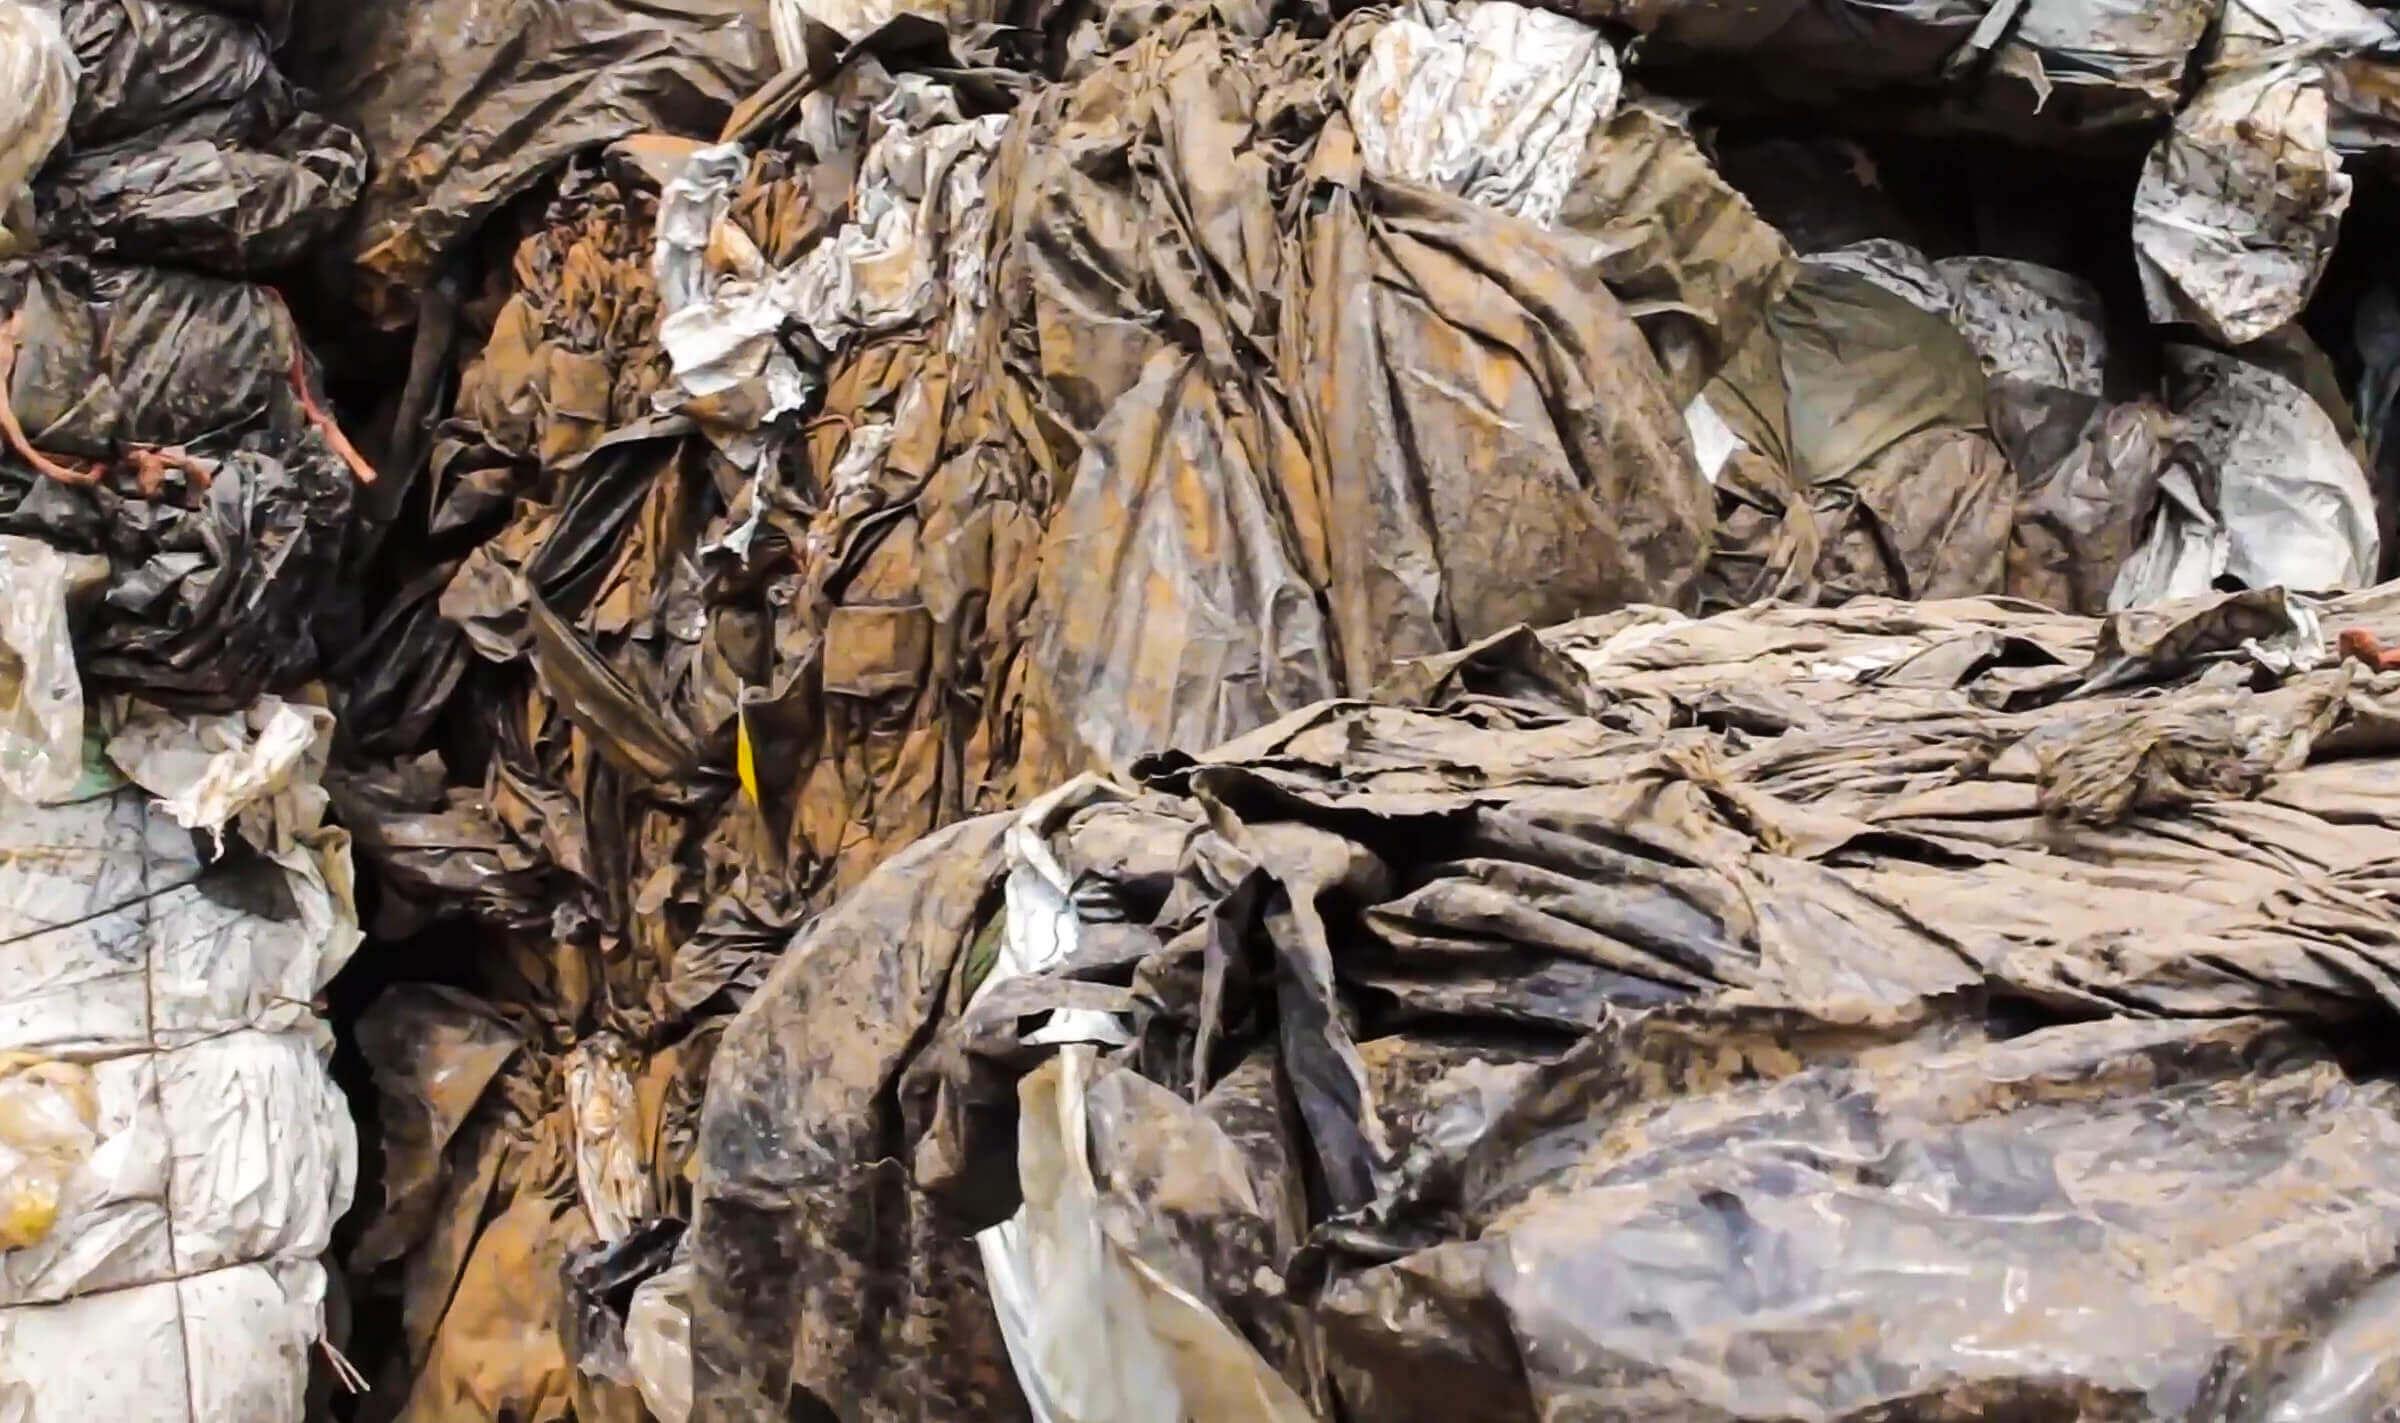 Geballte Agrarfolie vor der Zerkleinerung im Recyclingprozess